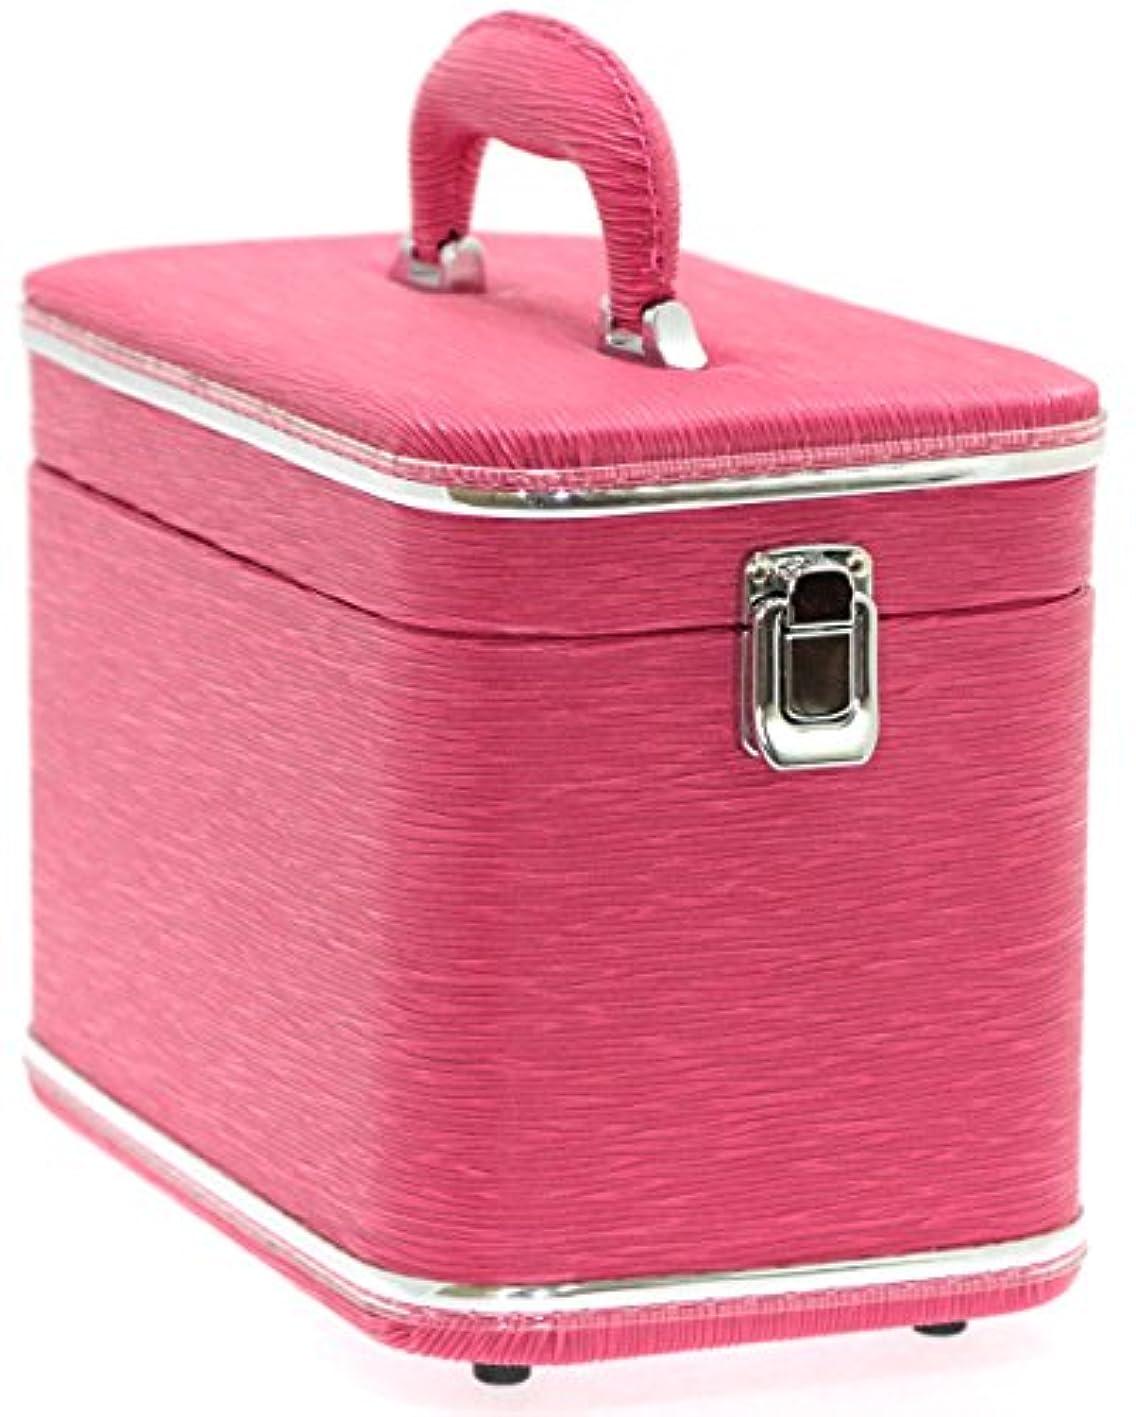 局直感葬儀エピ調水絞縦型トレンチケース ピンク 鍵無 6489-15